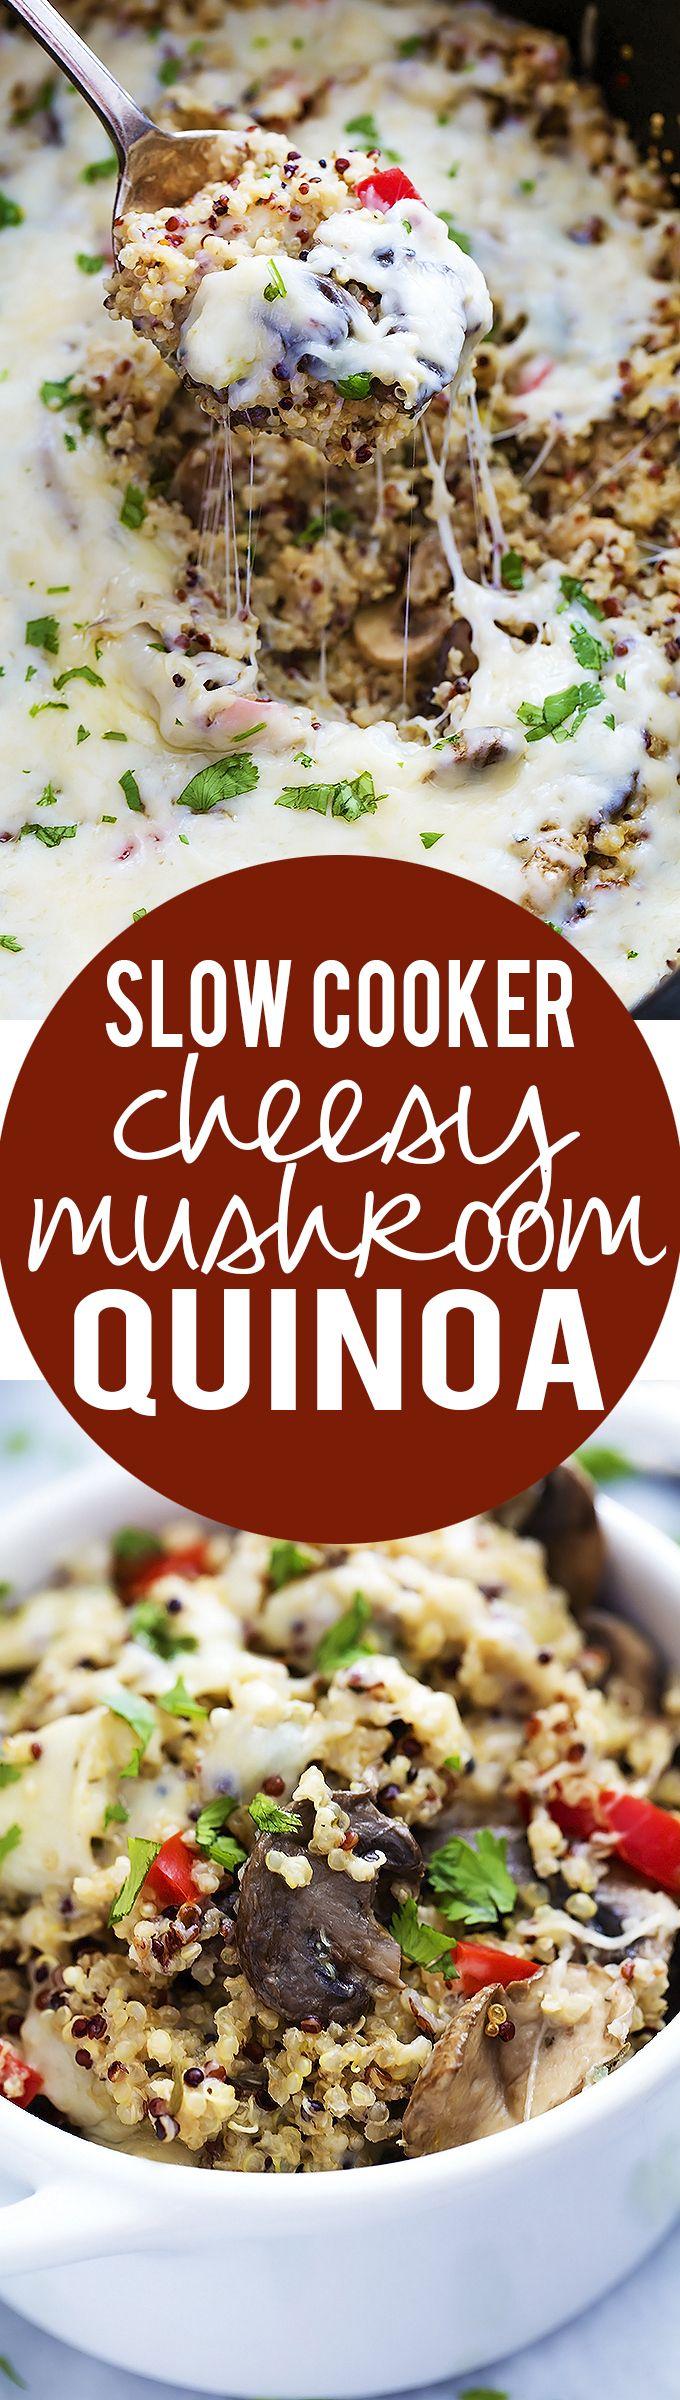 Slow Cooker Cheesy Italian Mushroom Quinoa | Creme de la Crumb